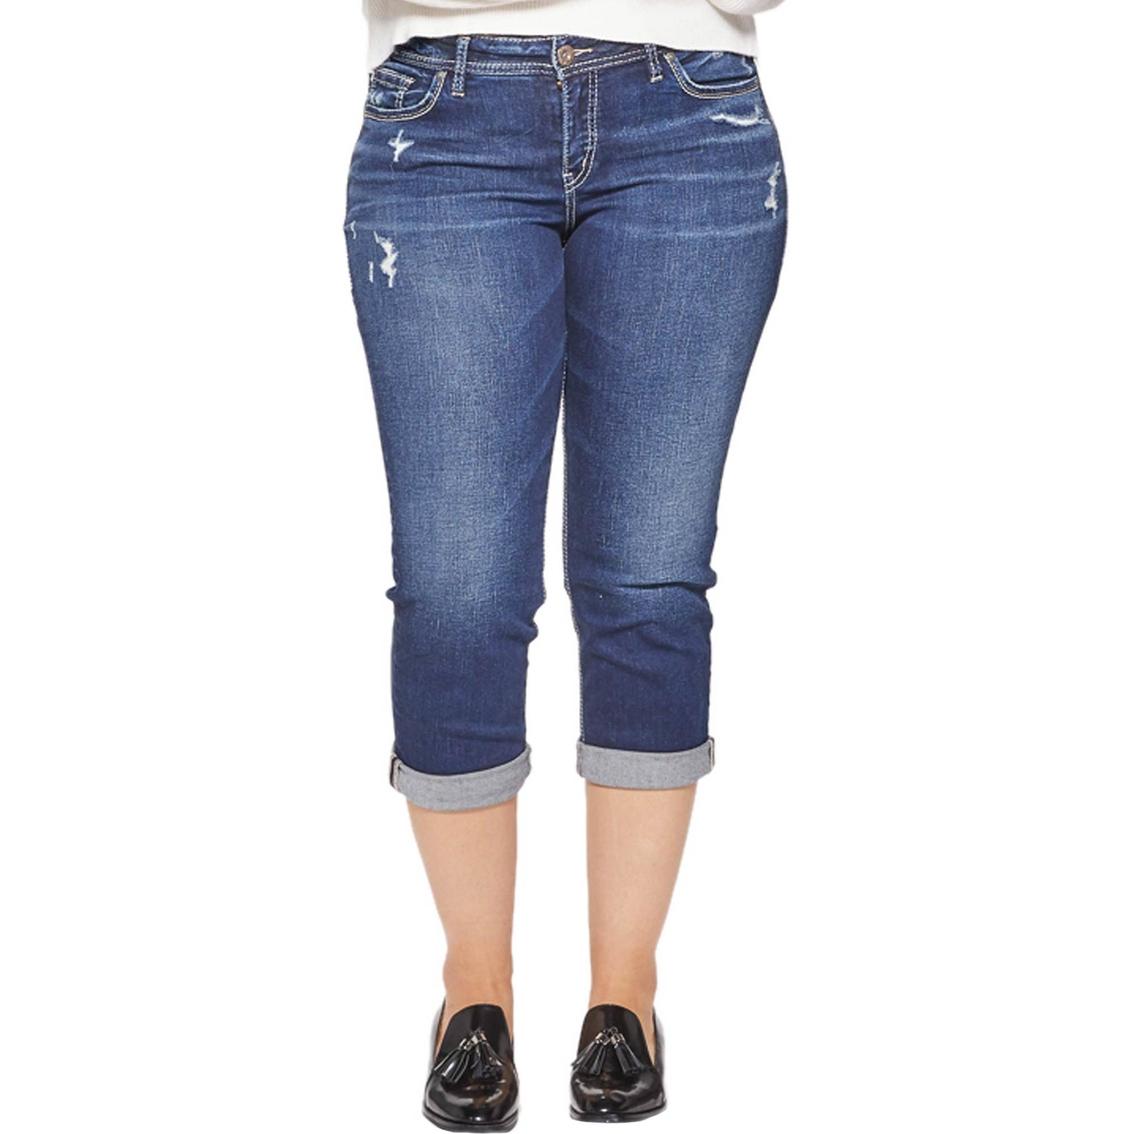 4a0d6d60610 Silver Jeans Co. Plus Size Suki Capri Jeans